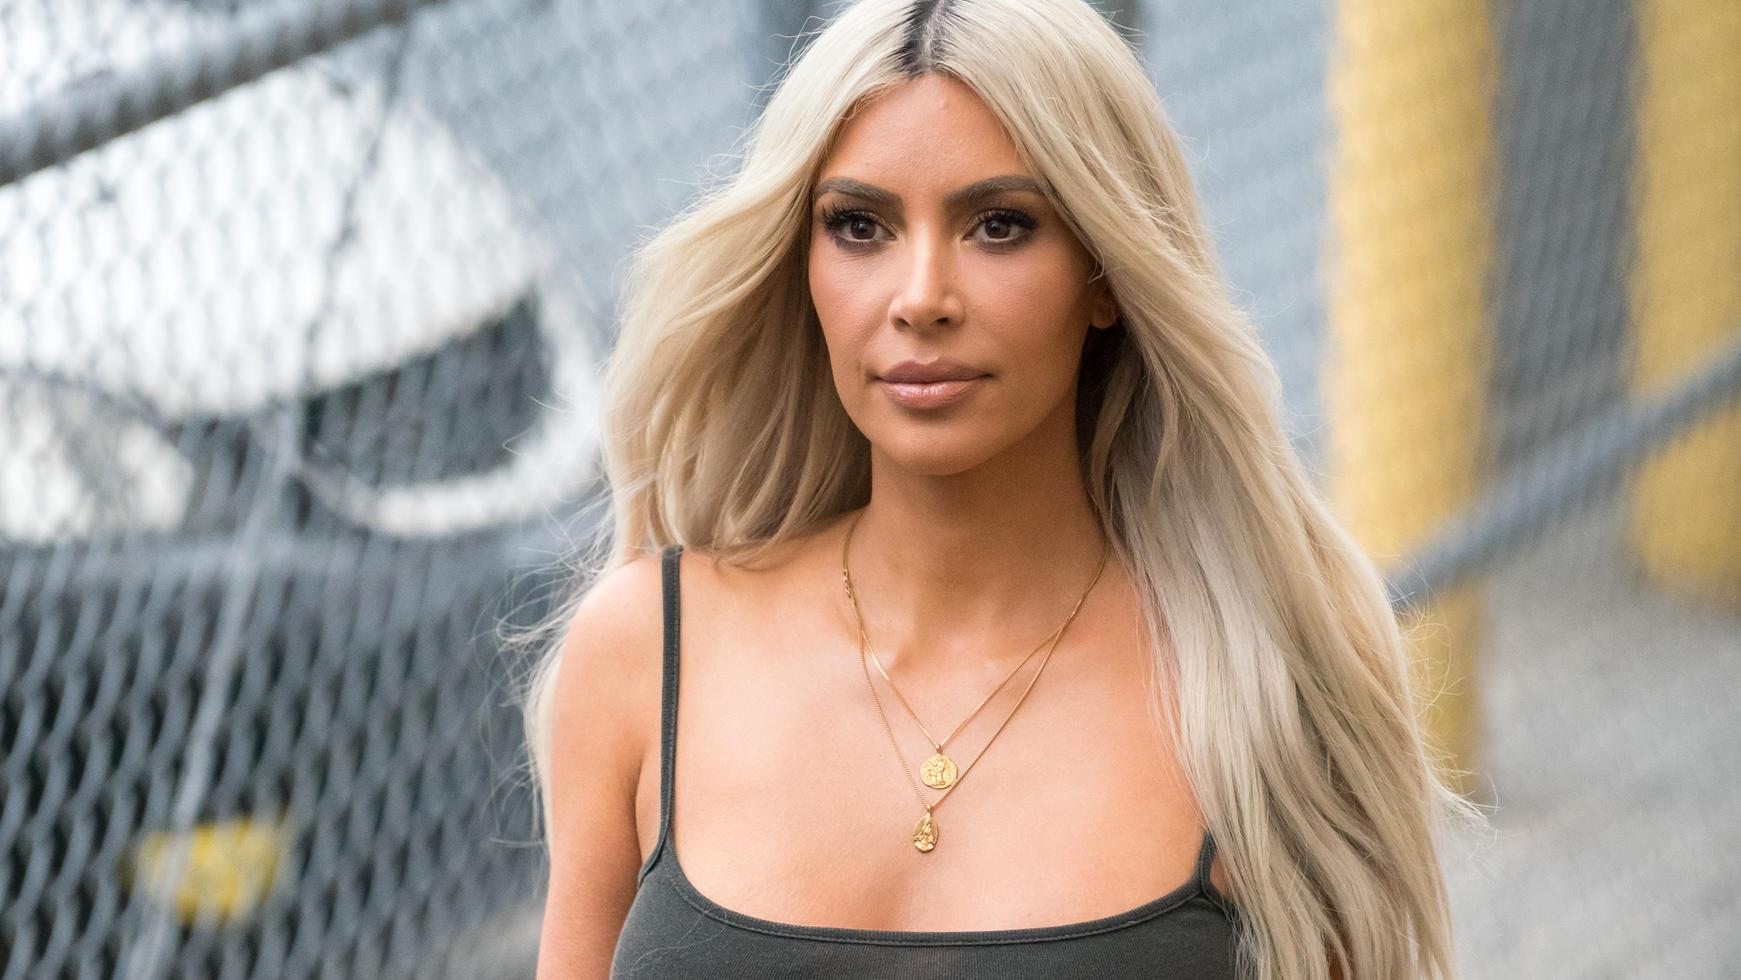 dr ngt kim kardashian ihre schwester kylie jenner dazu die schwangerschaft bekanntzugeben. Black Bedroom Furniture Sets. Home Design Ideas